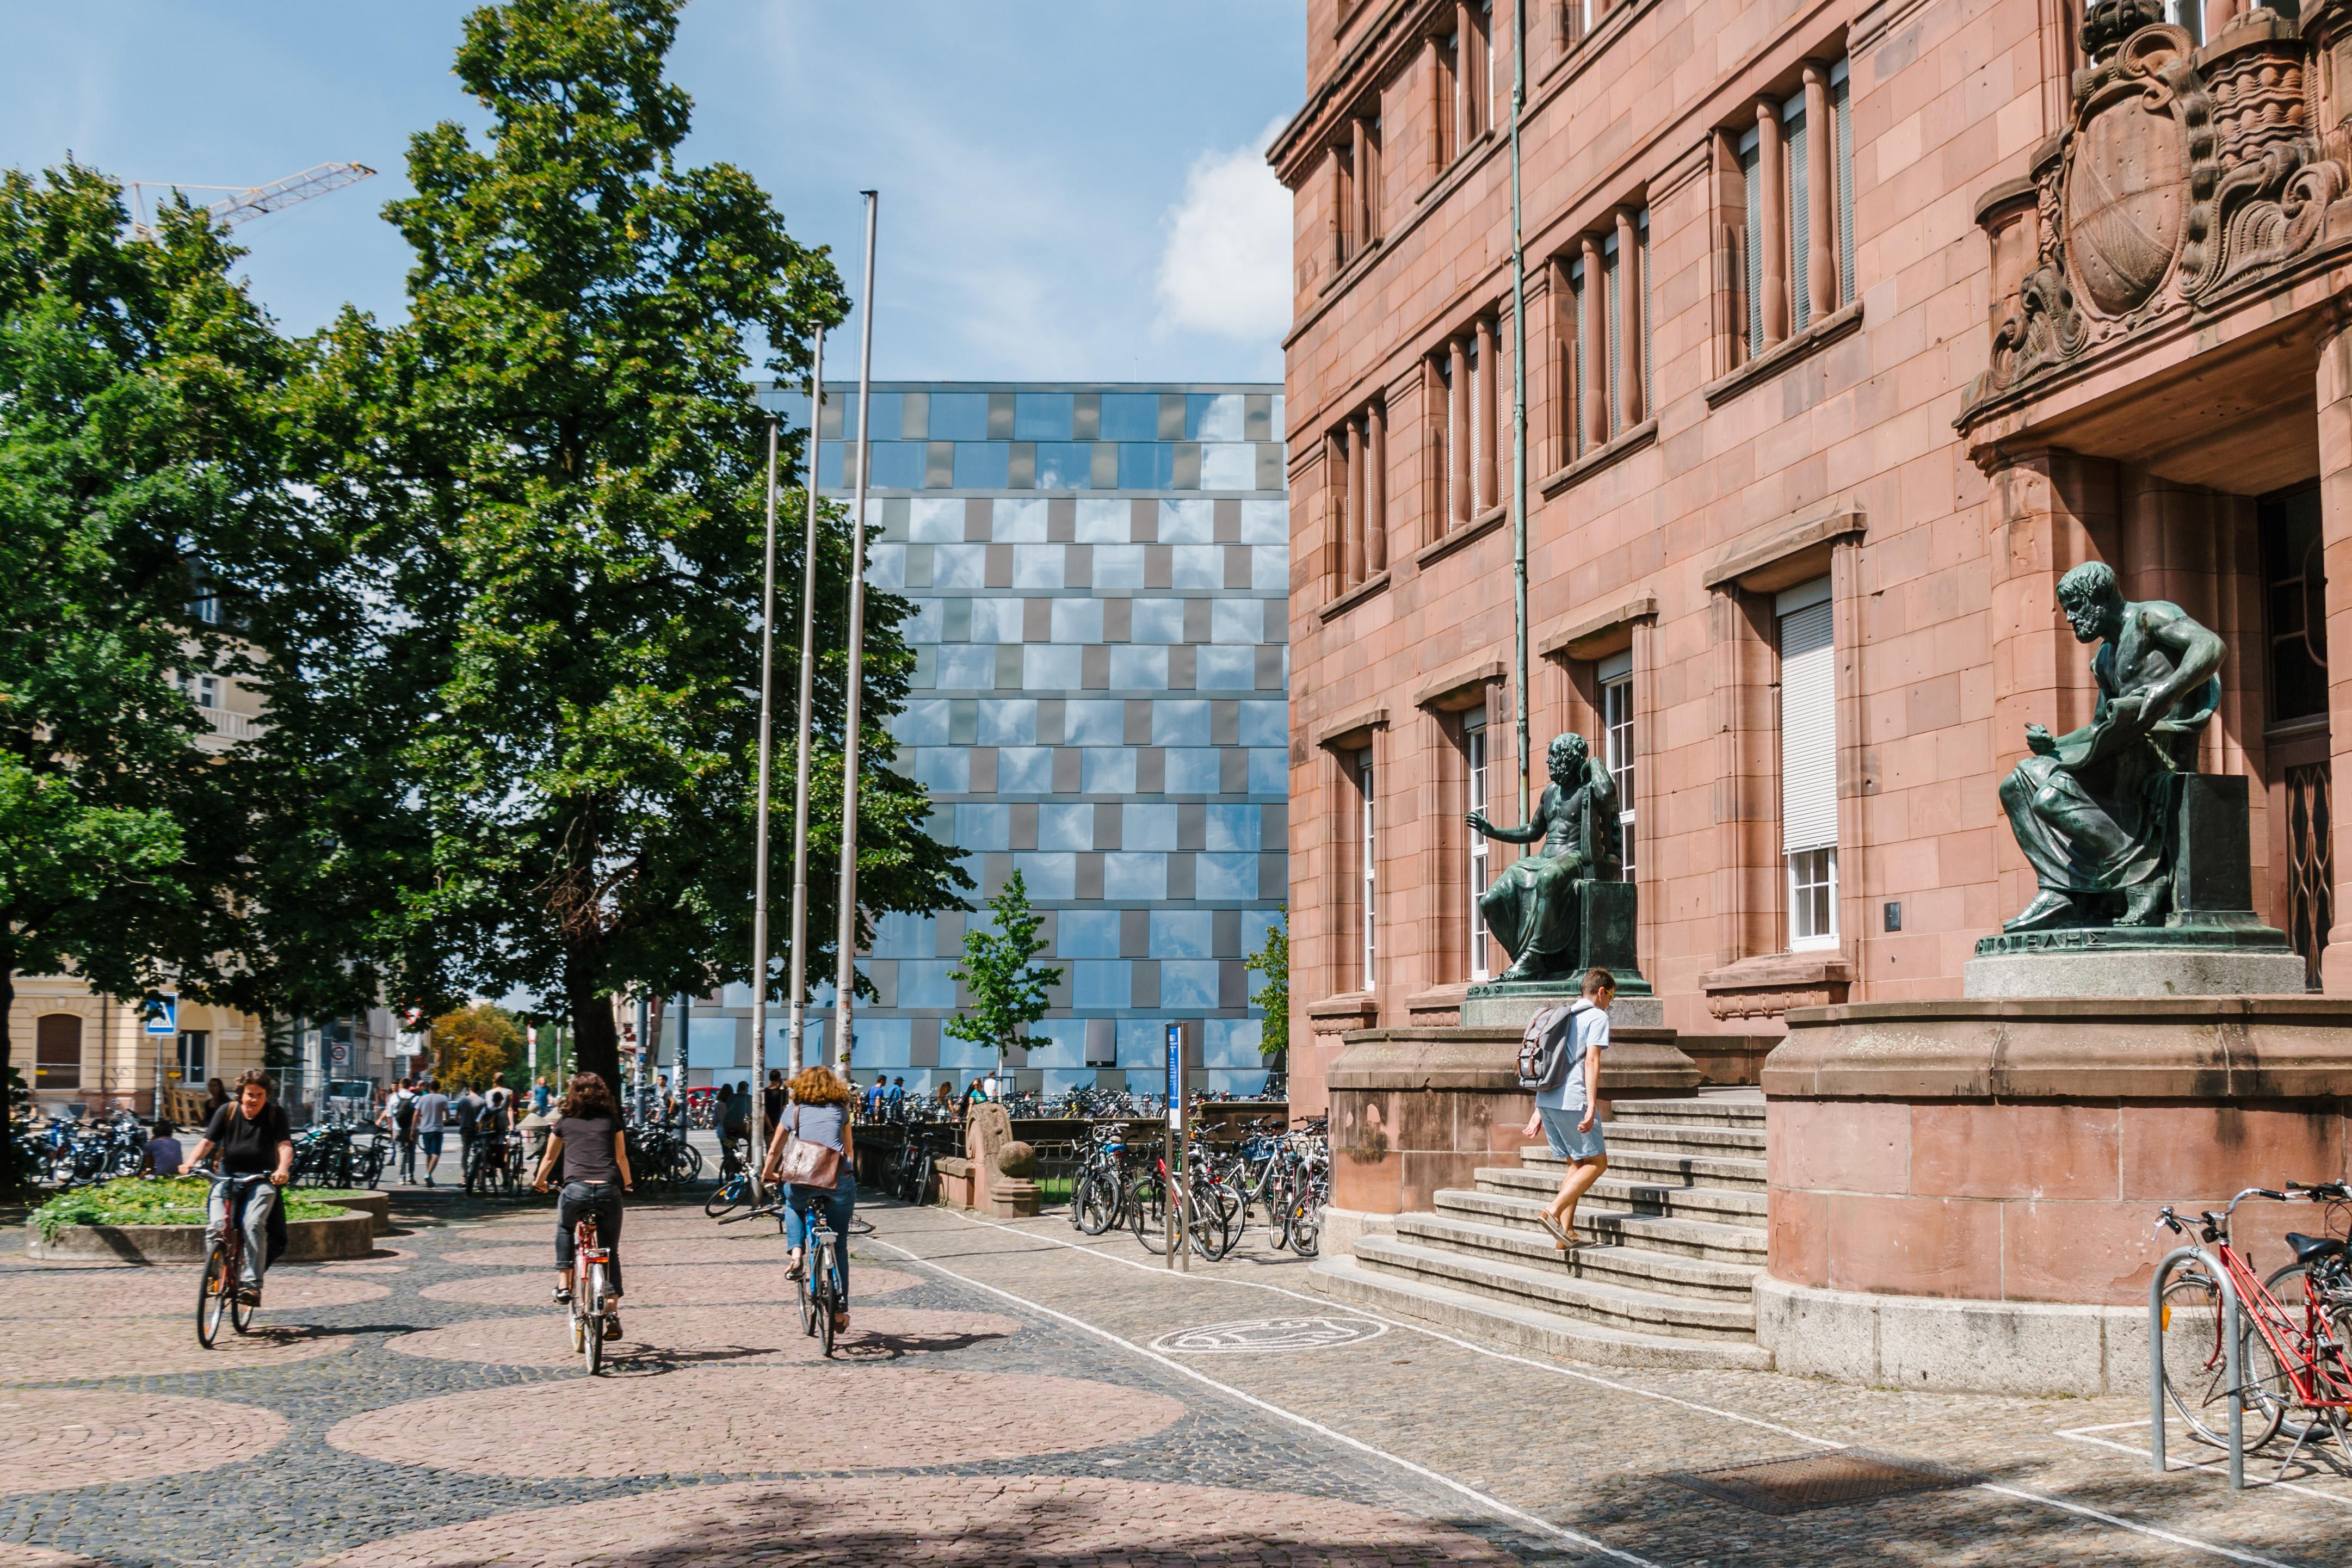 Universität Freiburg - KG 1 und Universitätsbibliothek